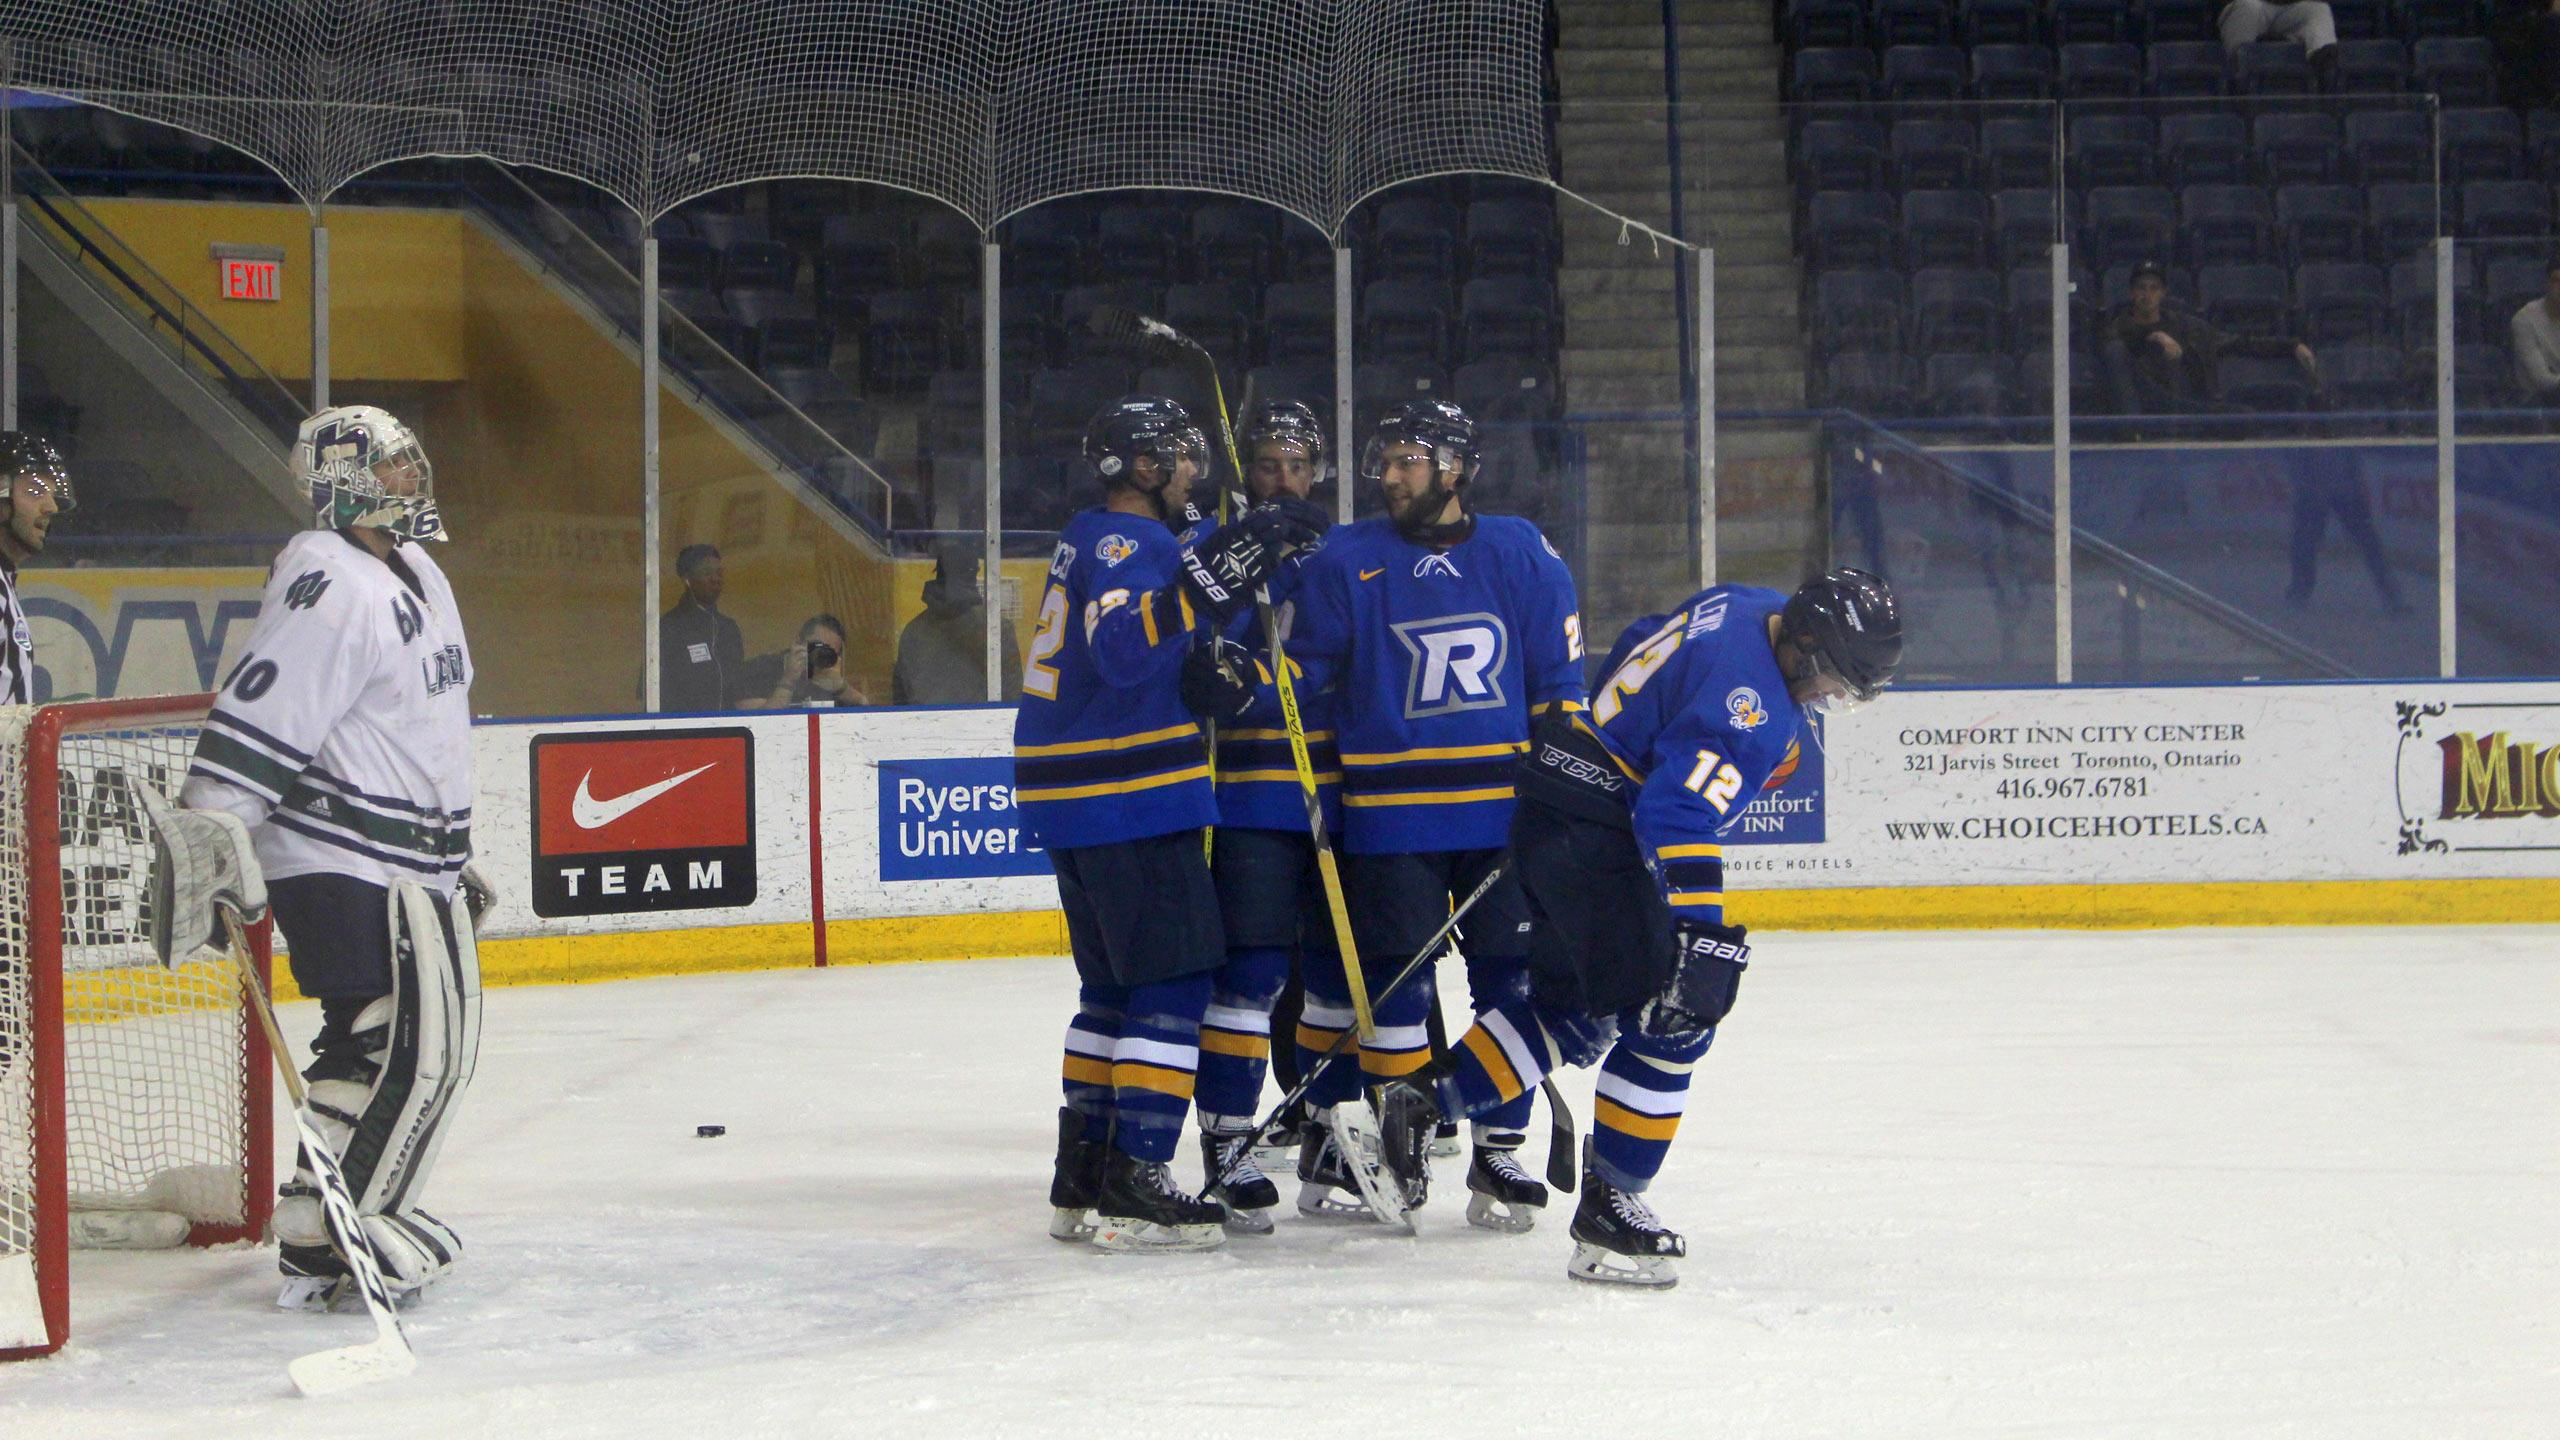 danhockey_chrisblanchette2